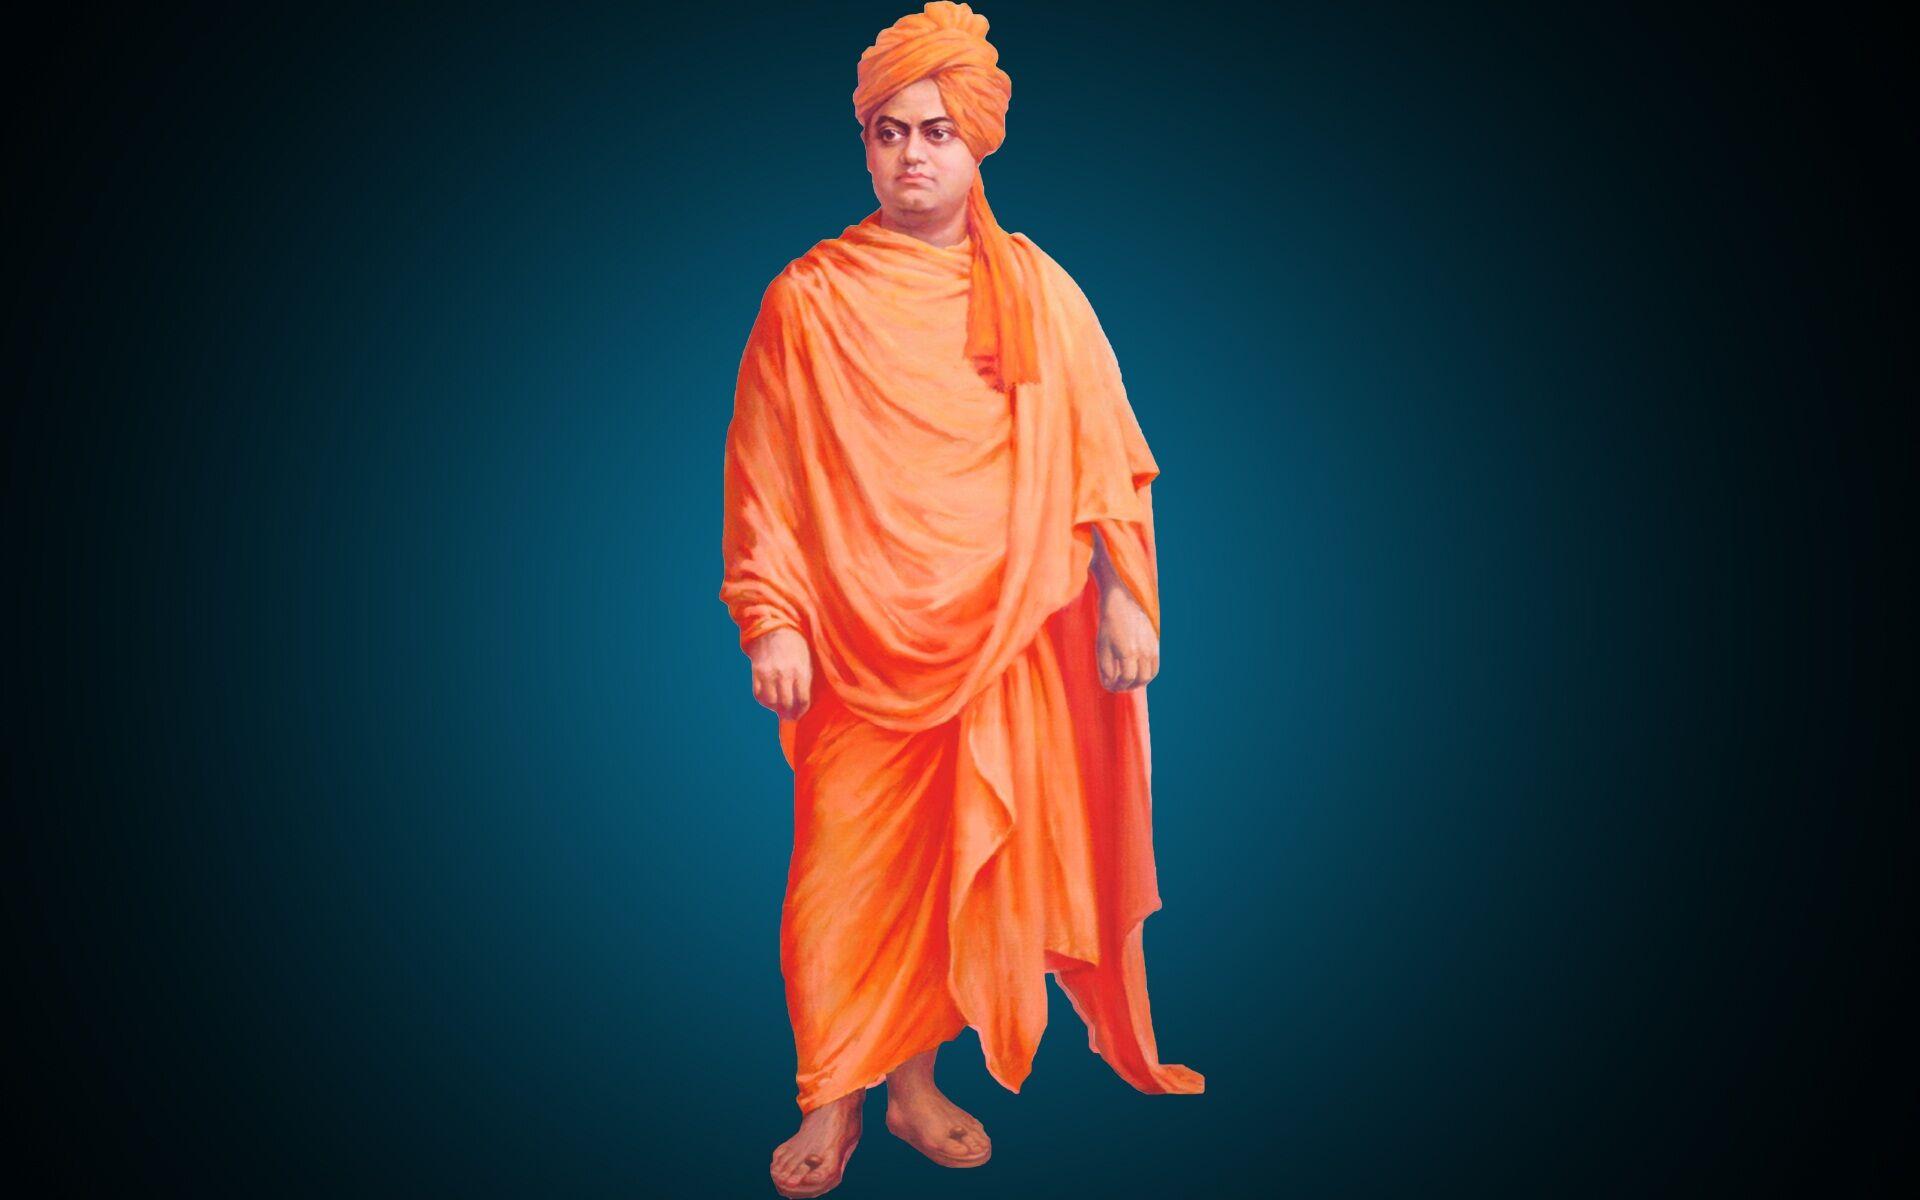 आधुनिक मानव के आदर्श प्रतिनिधि थे स्वामी विवेकानंद